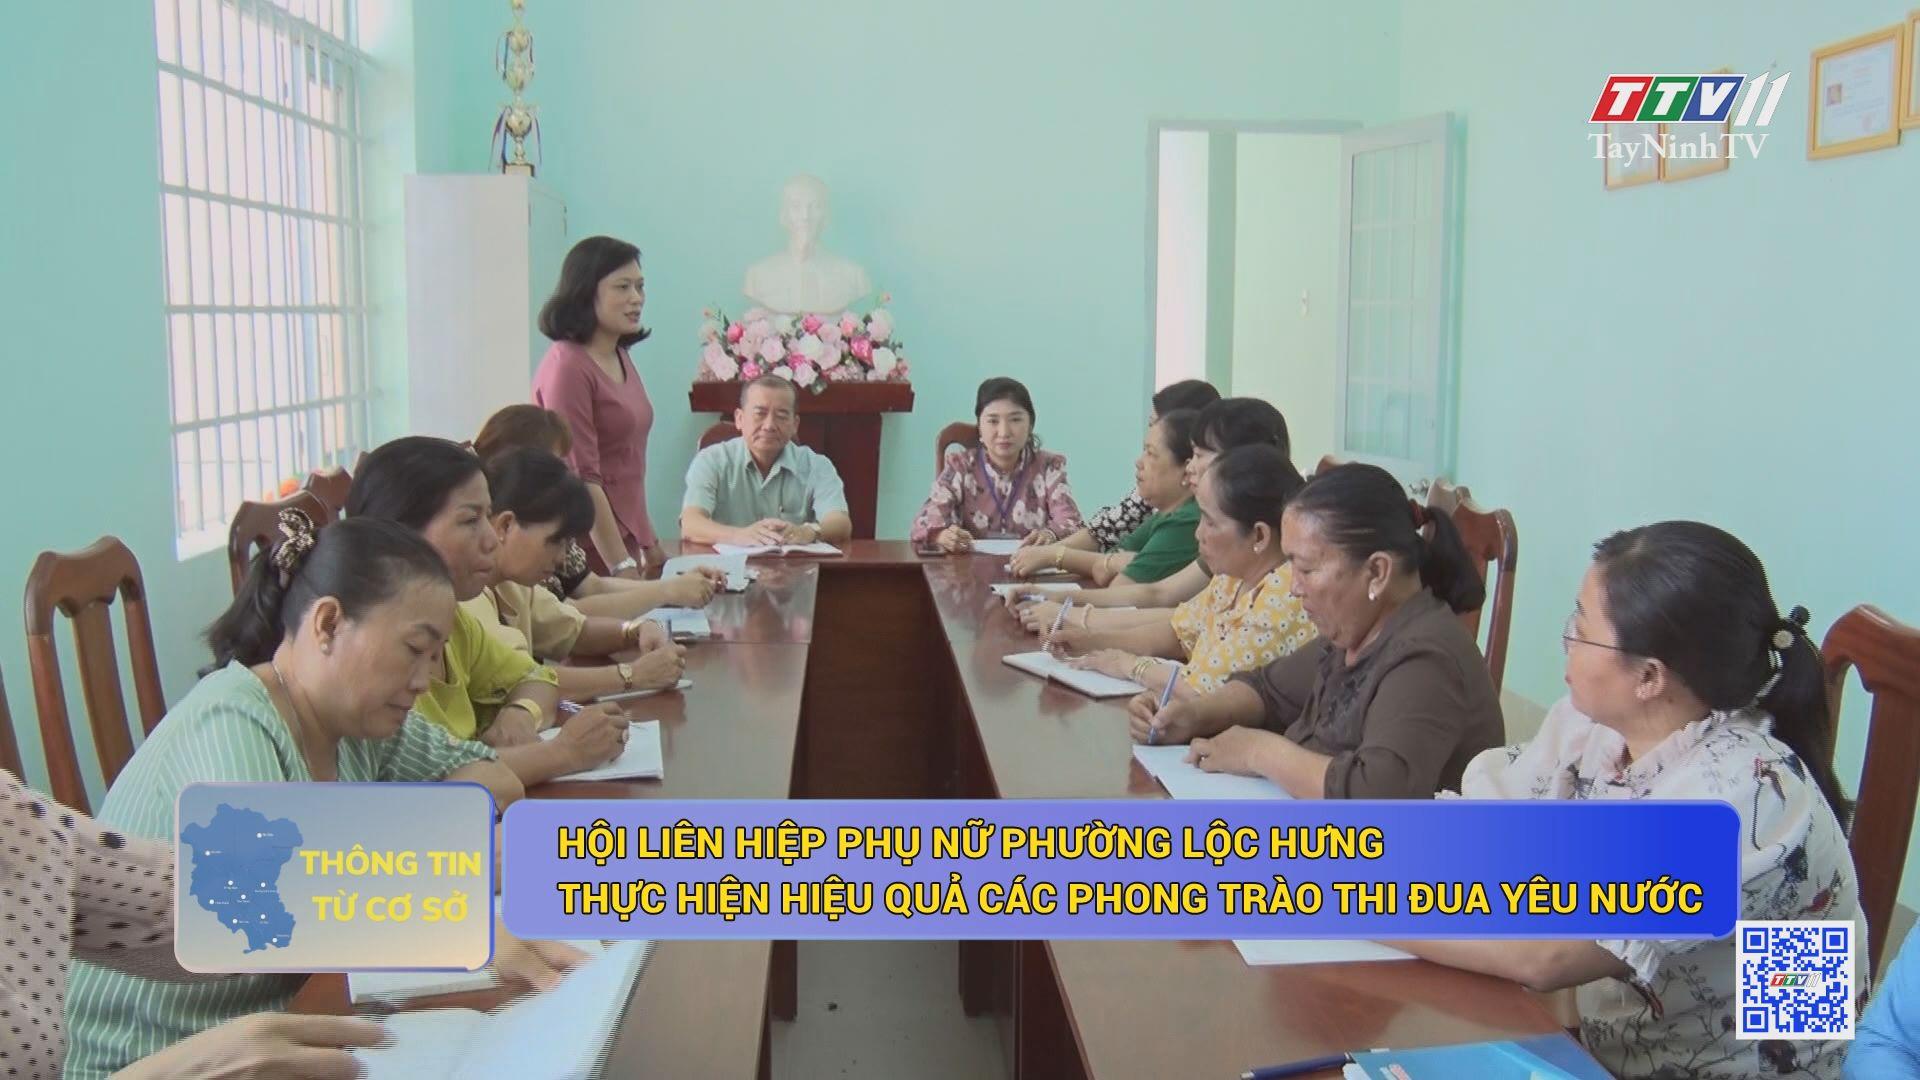 Hội LHPN Phường Lộc Hưng thực hiện hiệu quả các phong trào thi đua yêu nước | THÔNG TIN TỪ CƠ SỞ | TayNinhTV